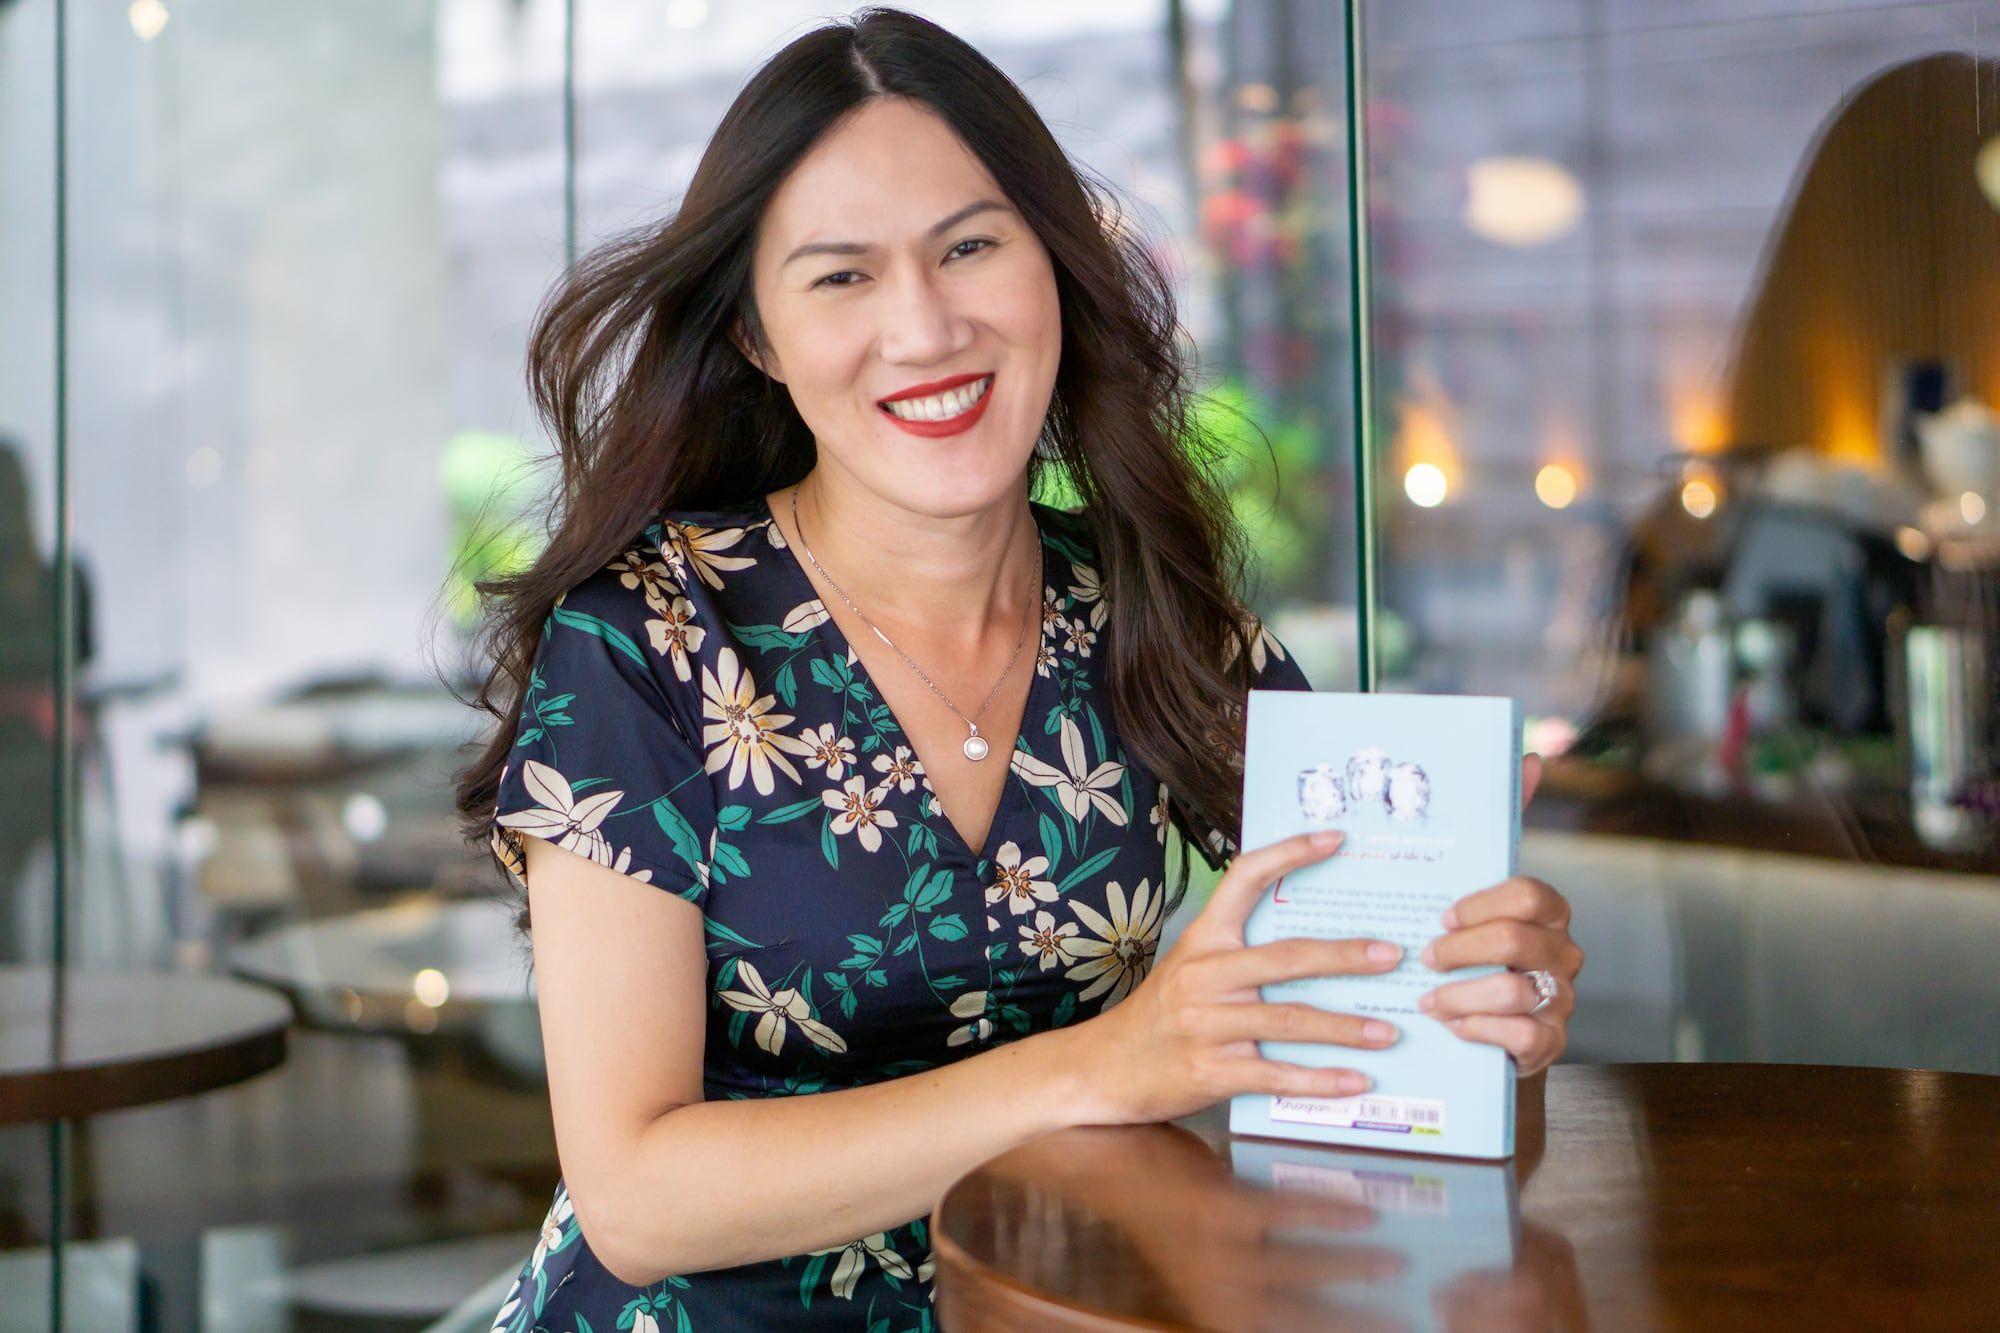 Mia Nguyễn: Bỏ giới tính sinh ra, được là chính mình